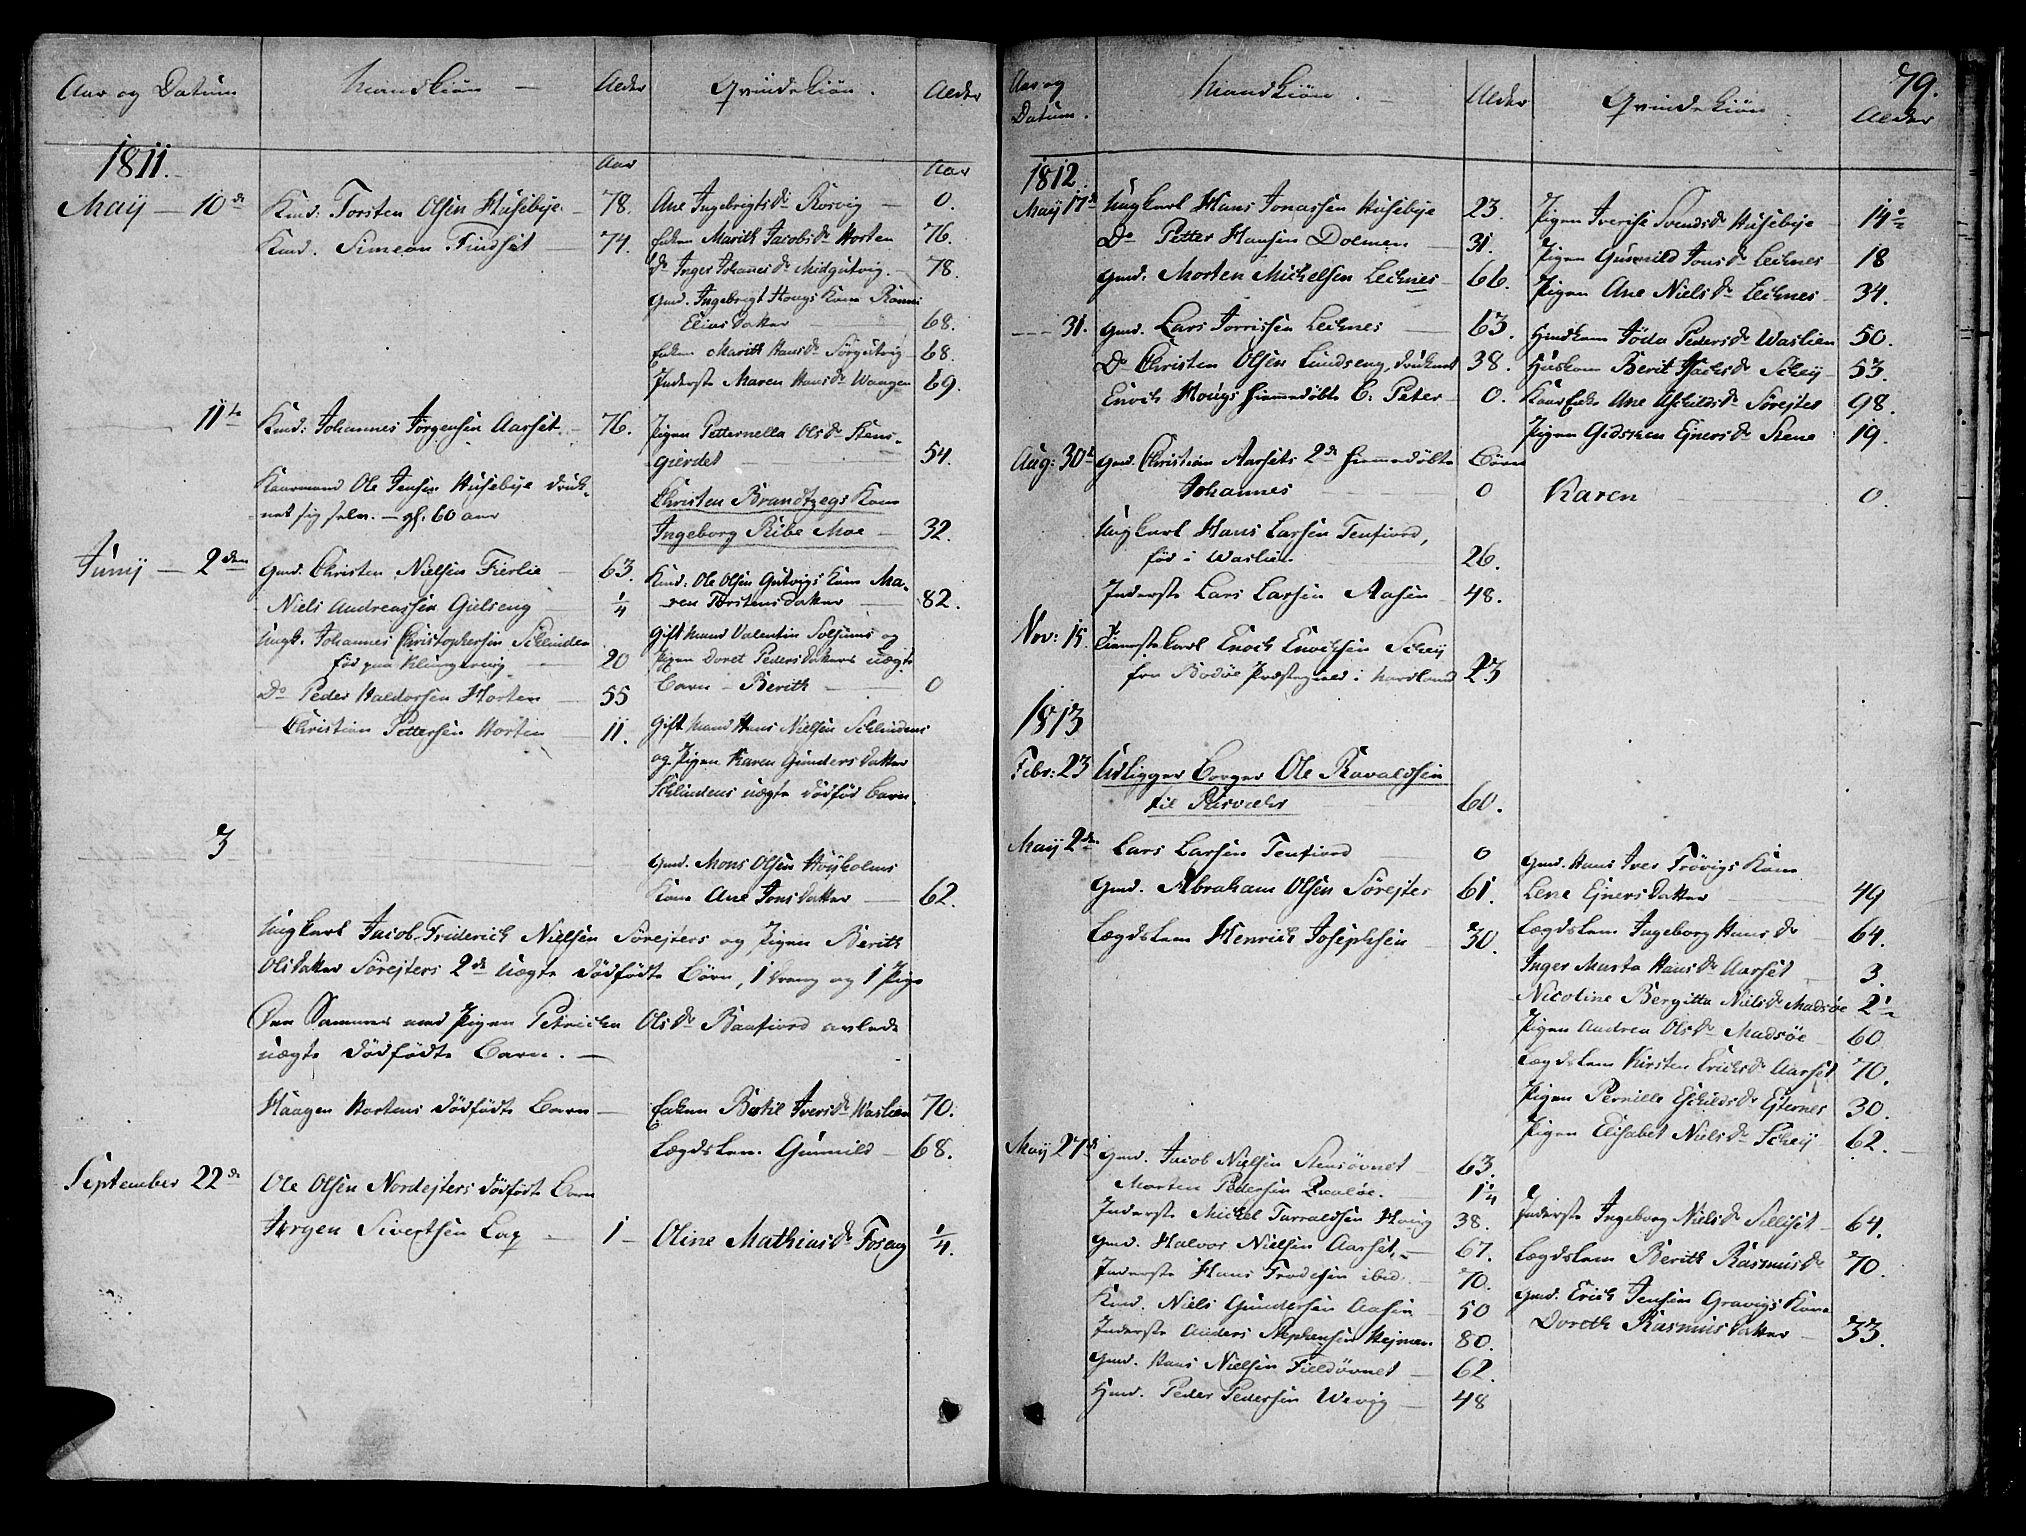 SAT, Ministerialprotokoller, klokkerbøker og fødselsregistre - Nord-Trøndelag, 780/L0633: Ministerialbok nr. 780A02 /2, 1806-1814, s. 79